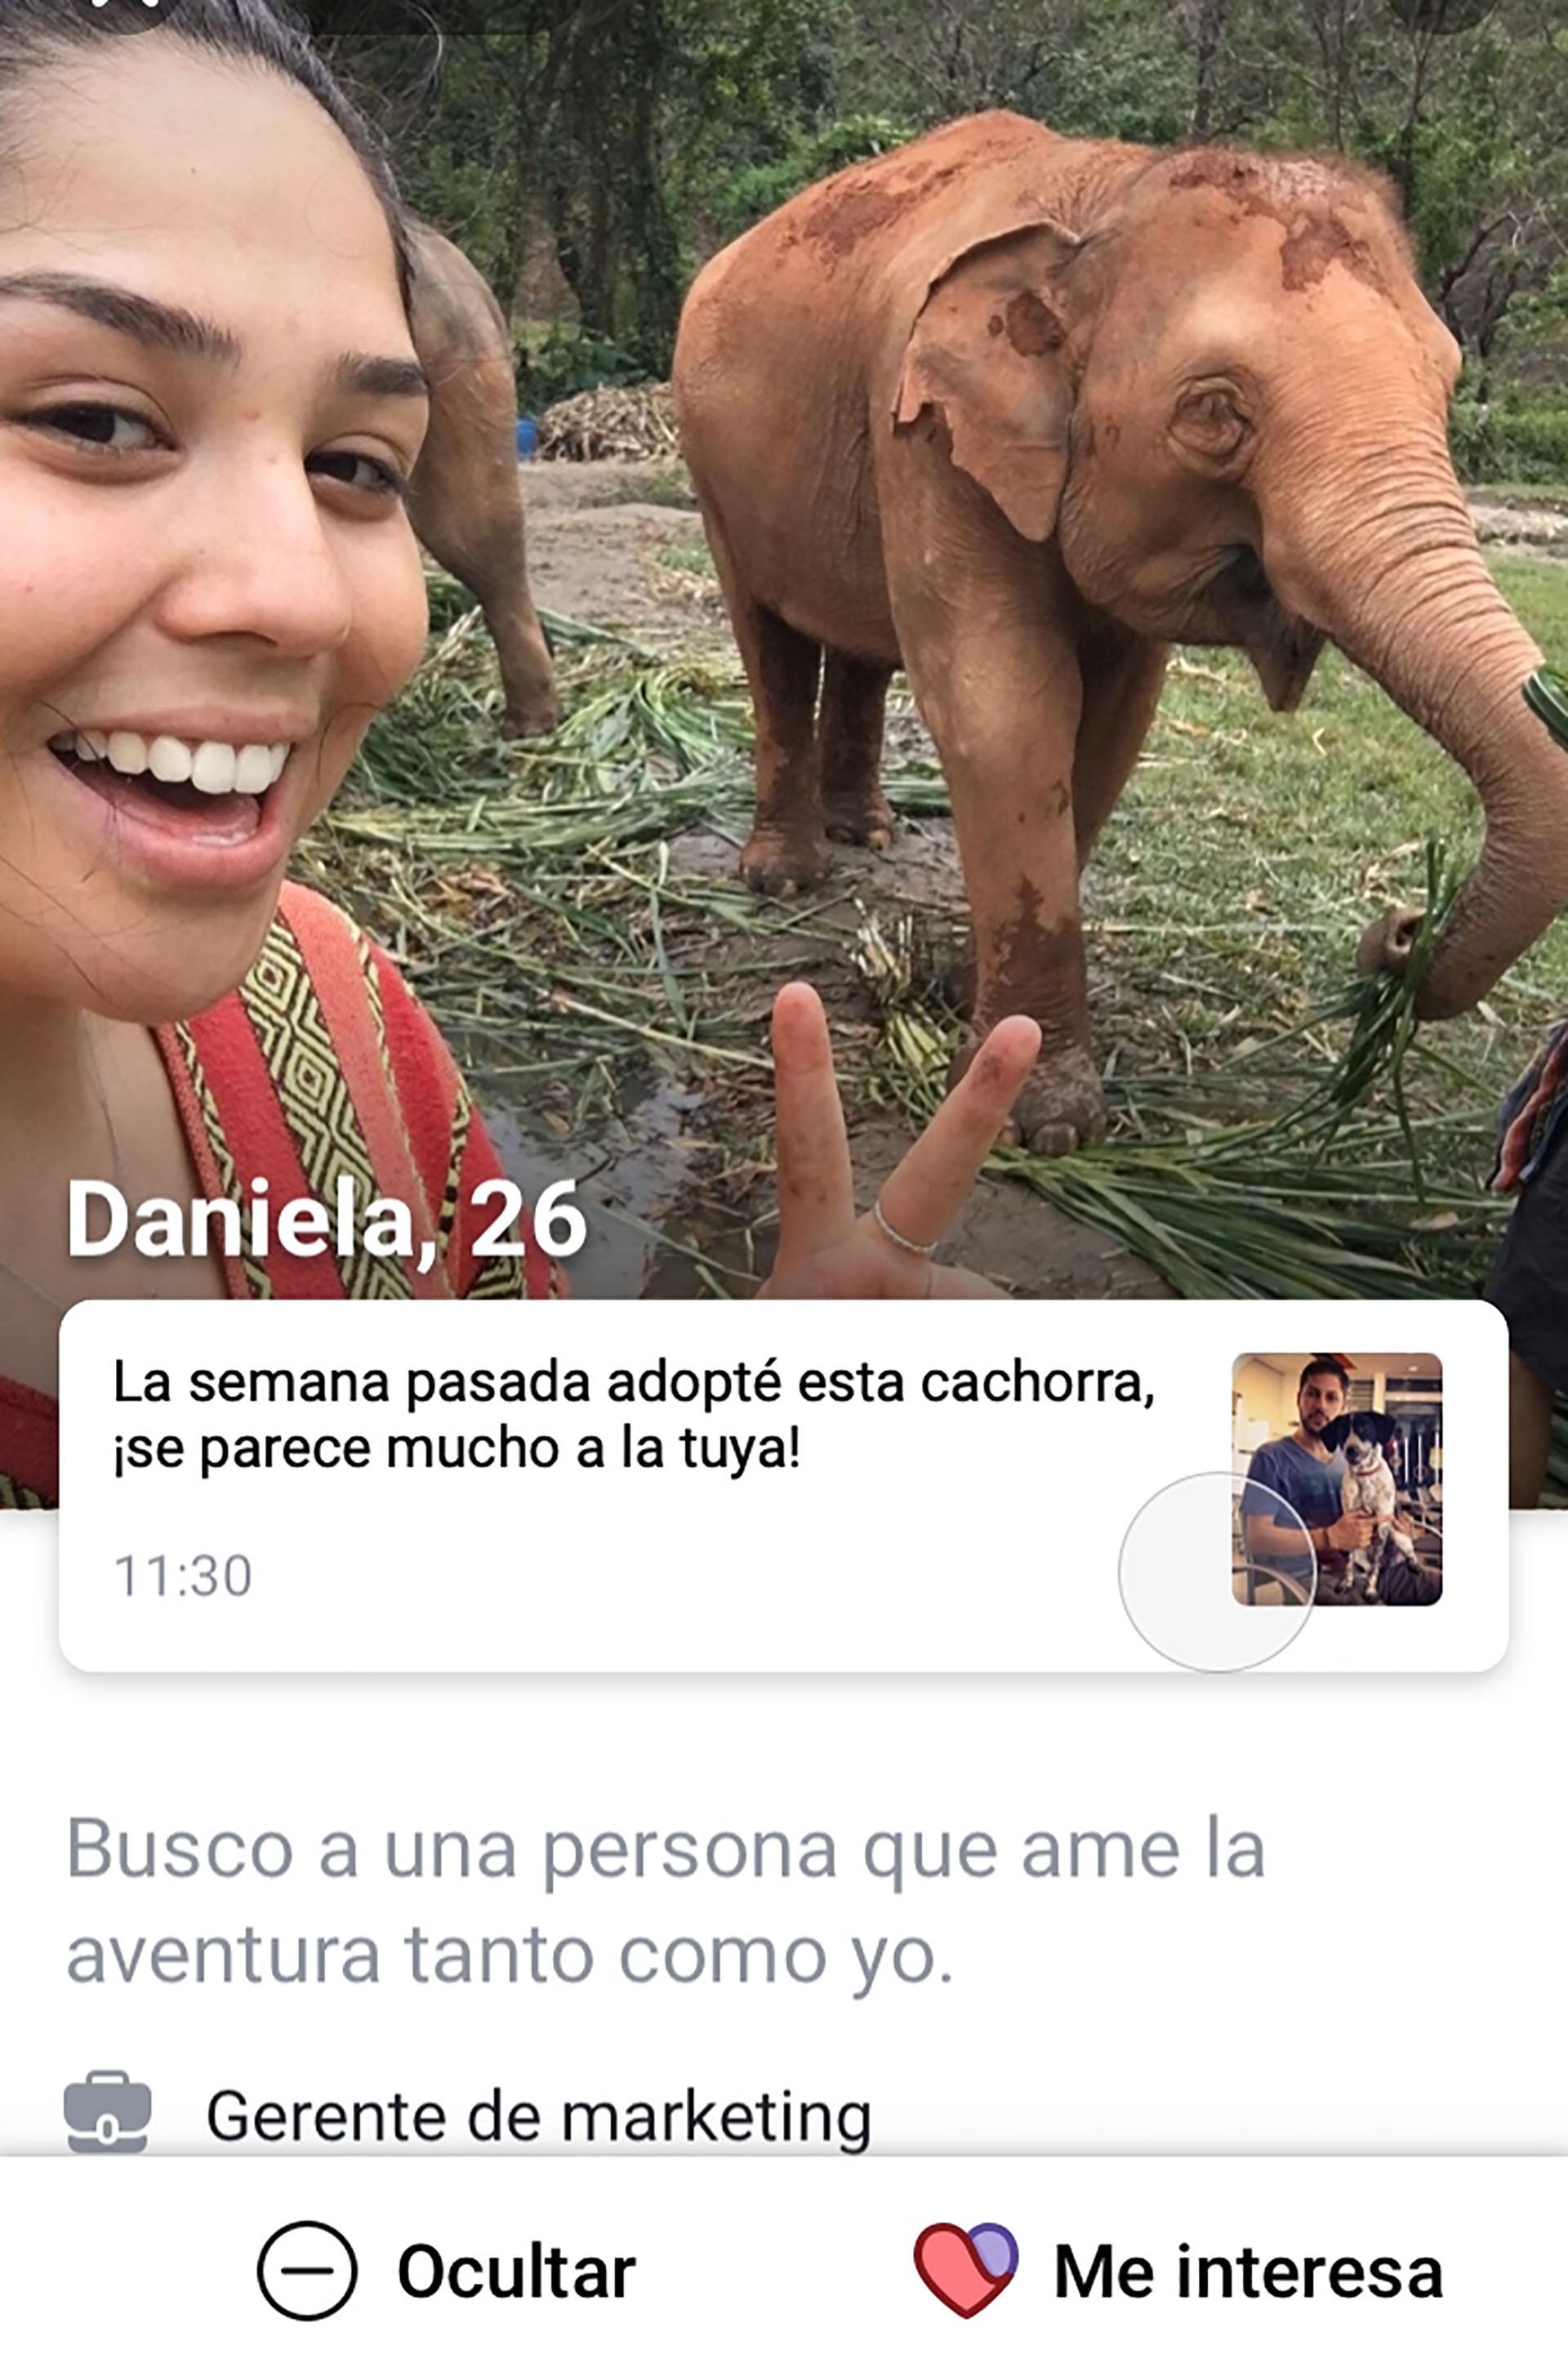 Los usuarios de Facebook Dating pueden completar su perfil con intereses y fotos.